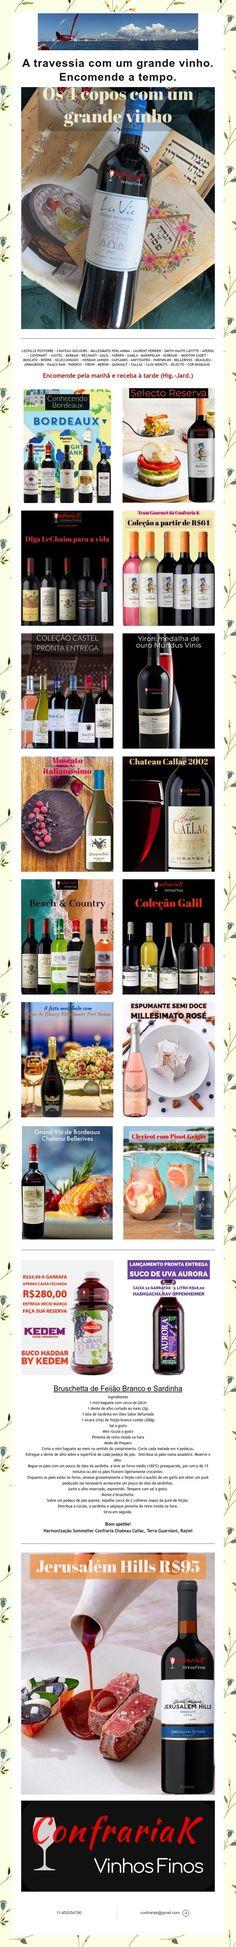 A travessia com um grande vinho. Encomende a tempo. Mouton Cadet, Laurent Perrier, Grande, Wine Pairings, Weather